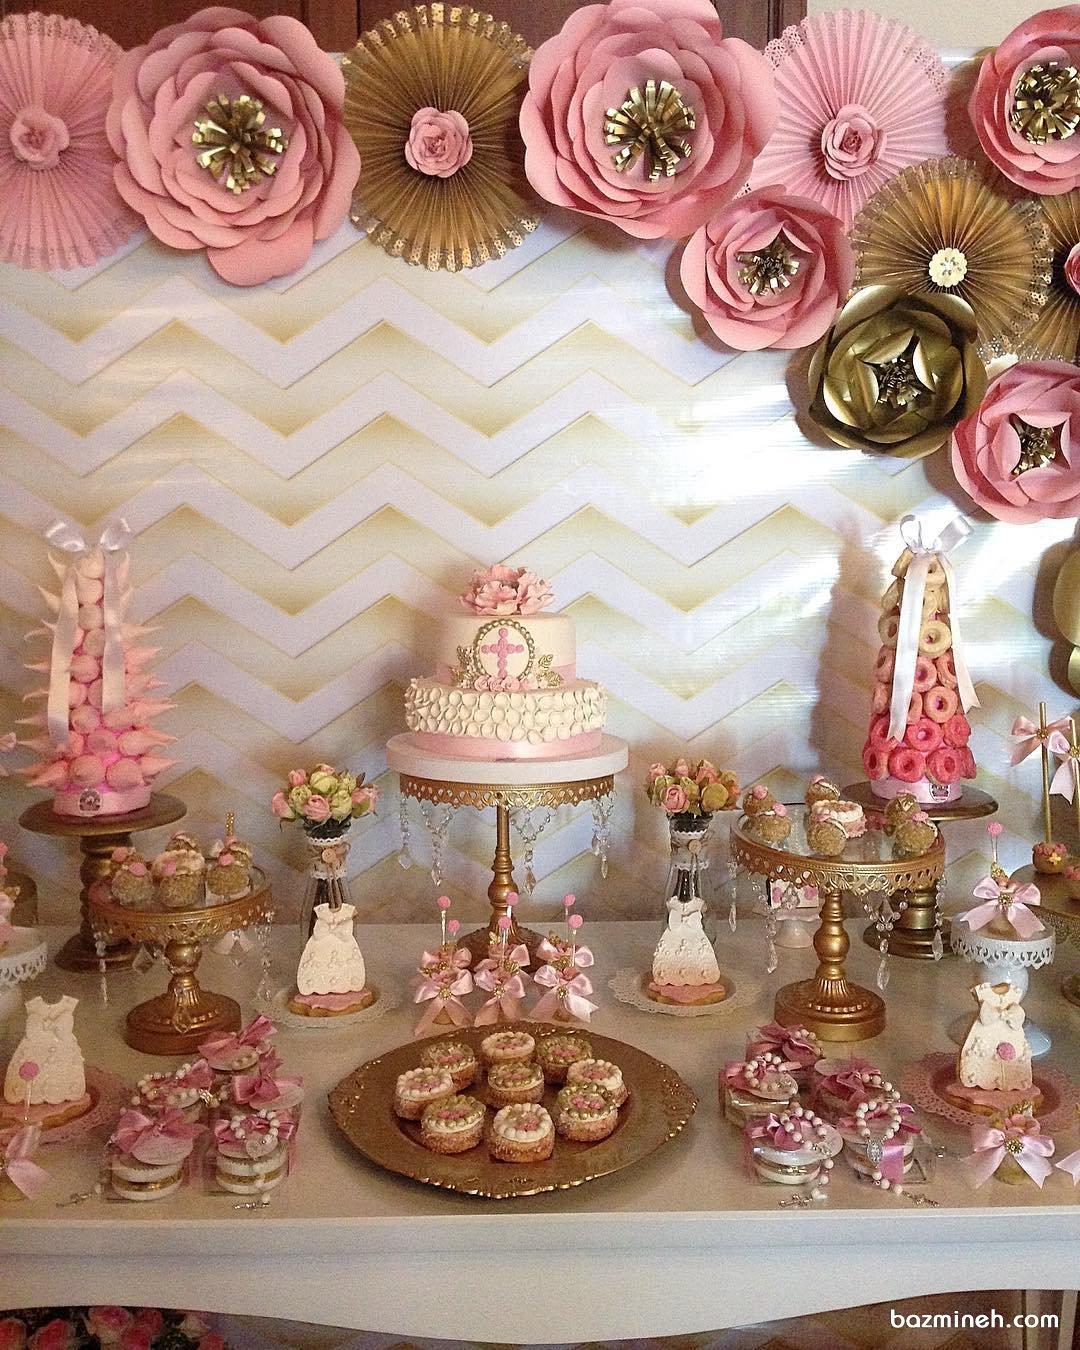 دکوراسیون زیبای جشن تولد دخترانه با تم سفید صورتی طلایی تزیین شده با گل های کاغذی